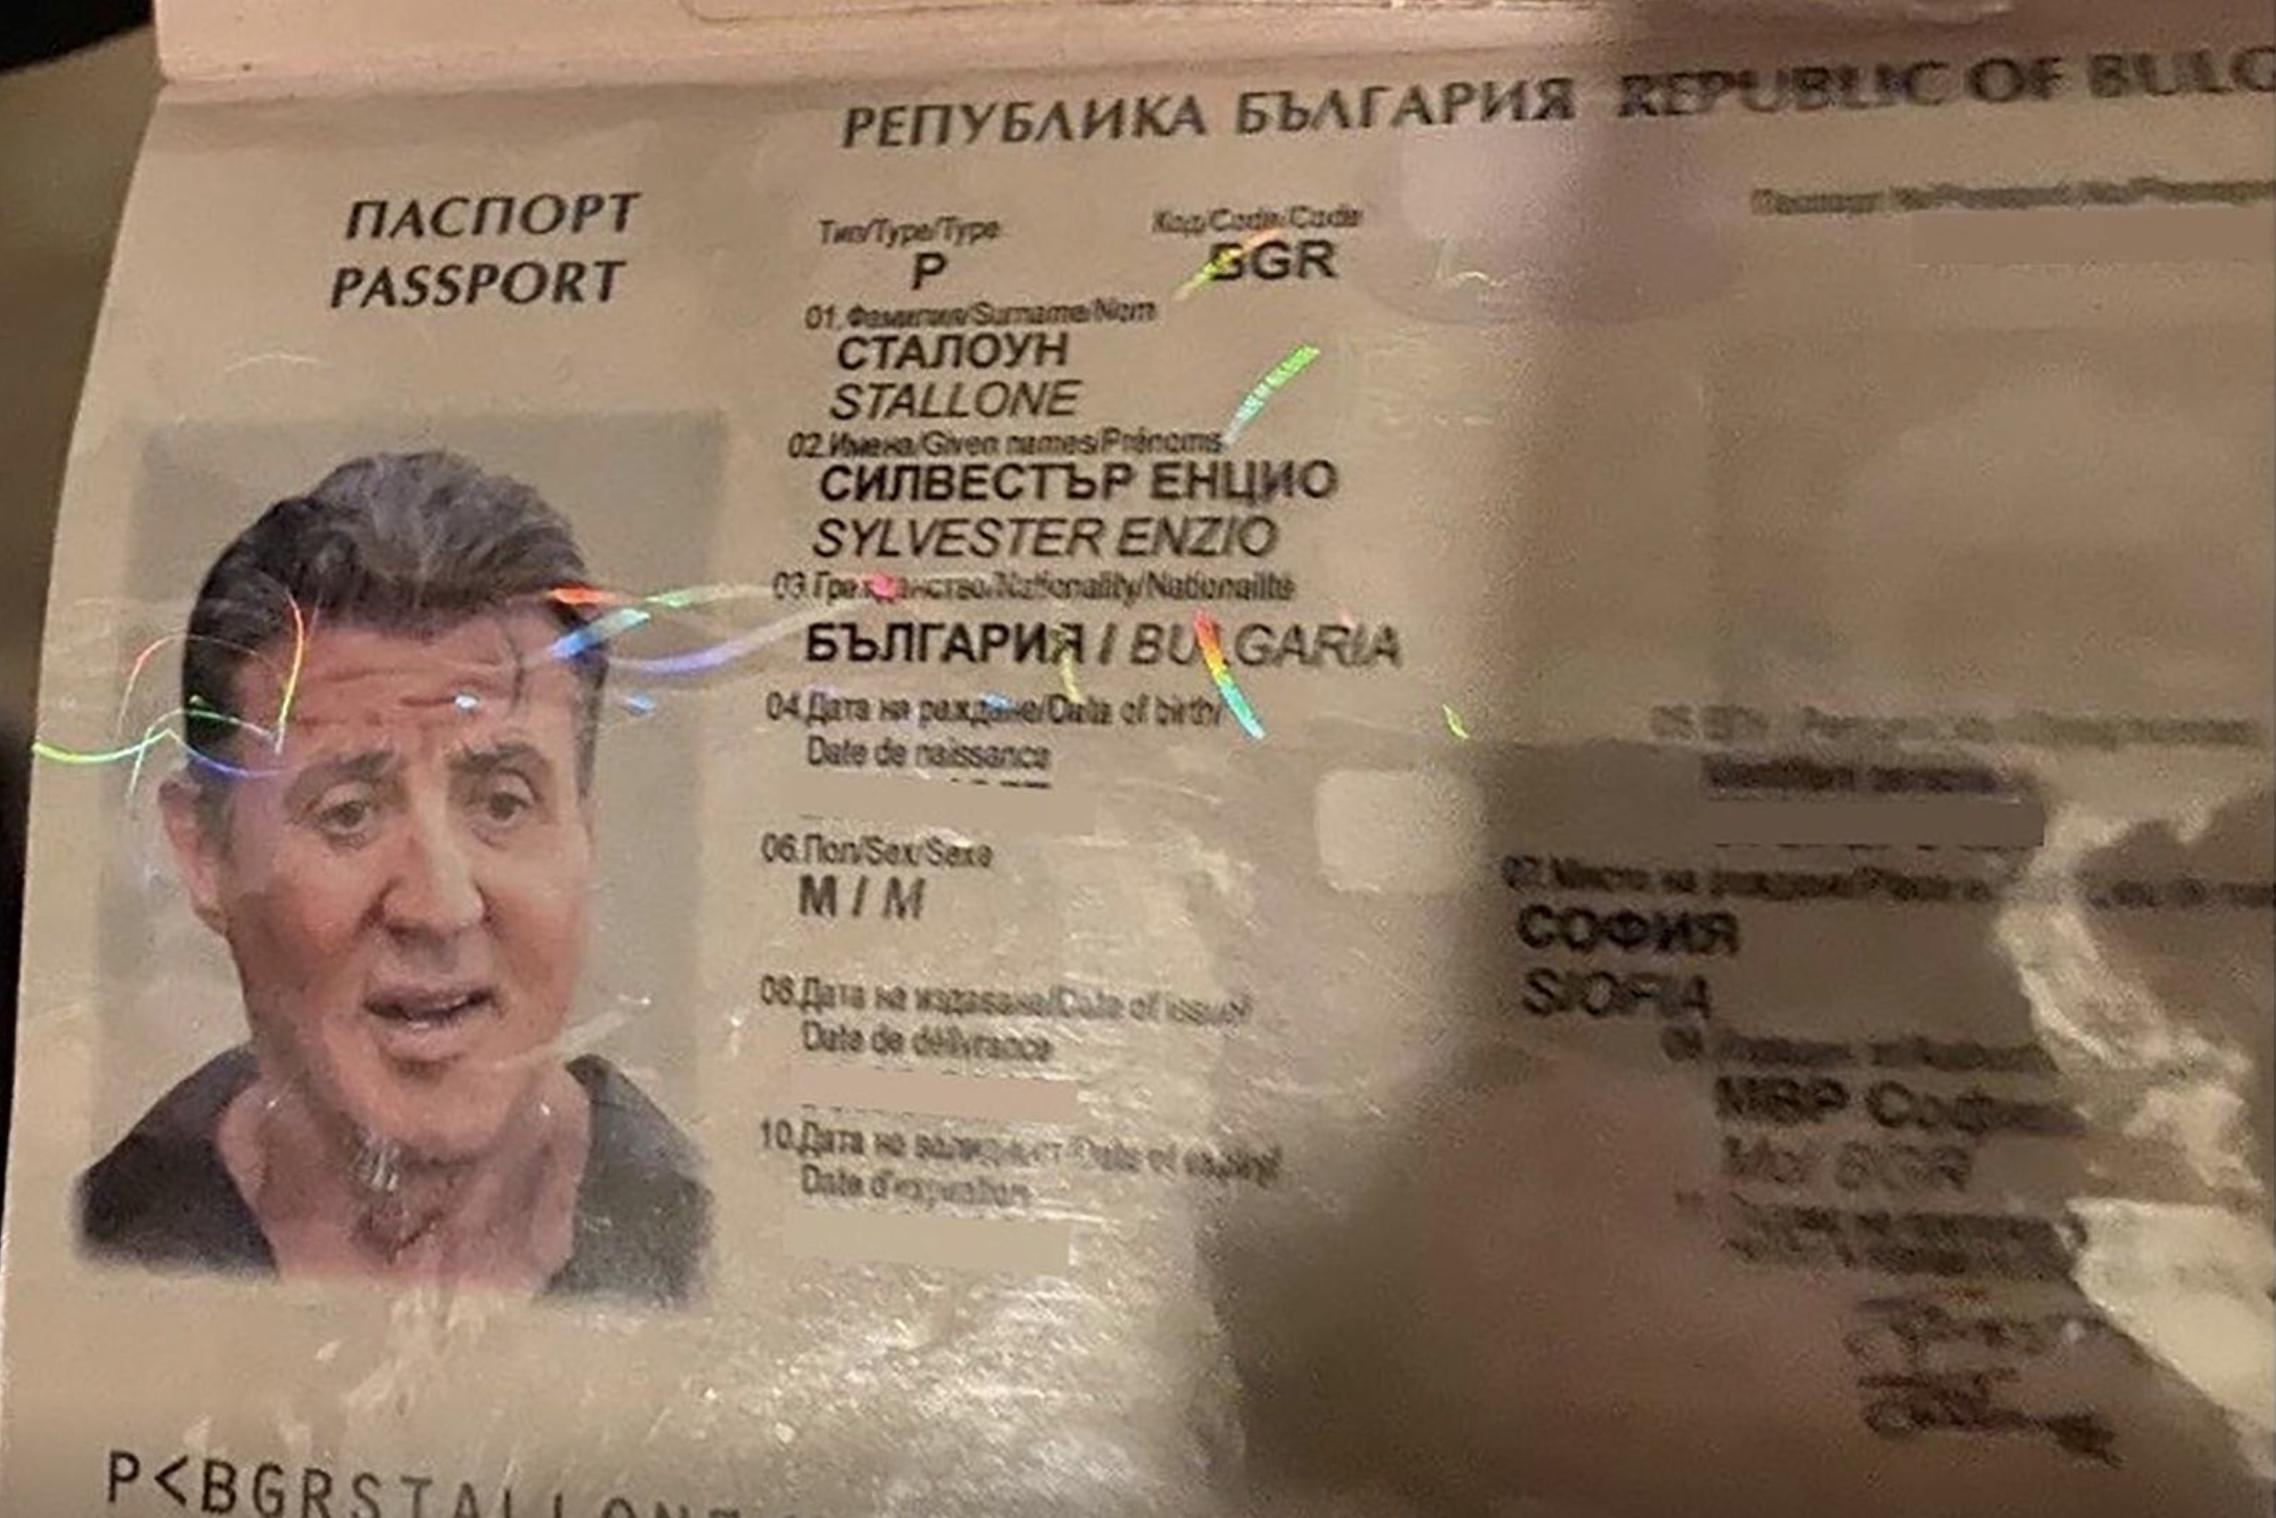 У Сталлоне появился паспорт Болгарии. Это была реклама банды, торгующей поддельными документами